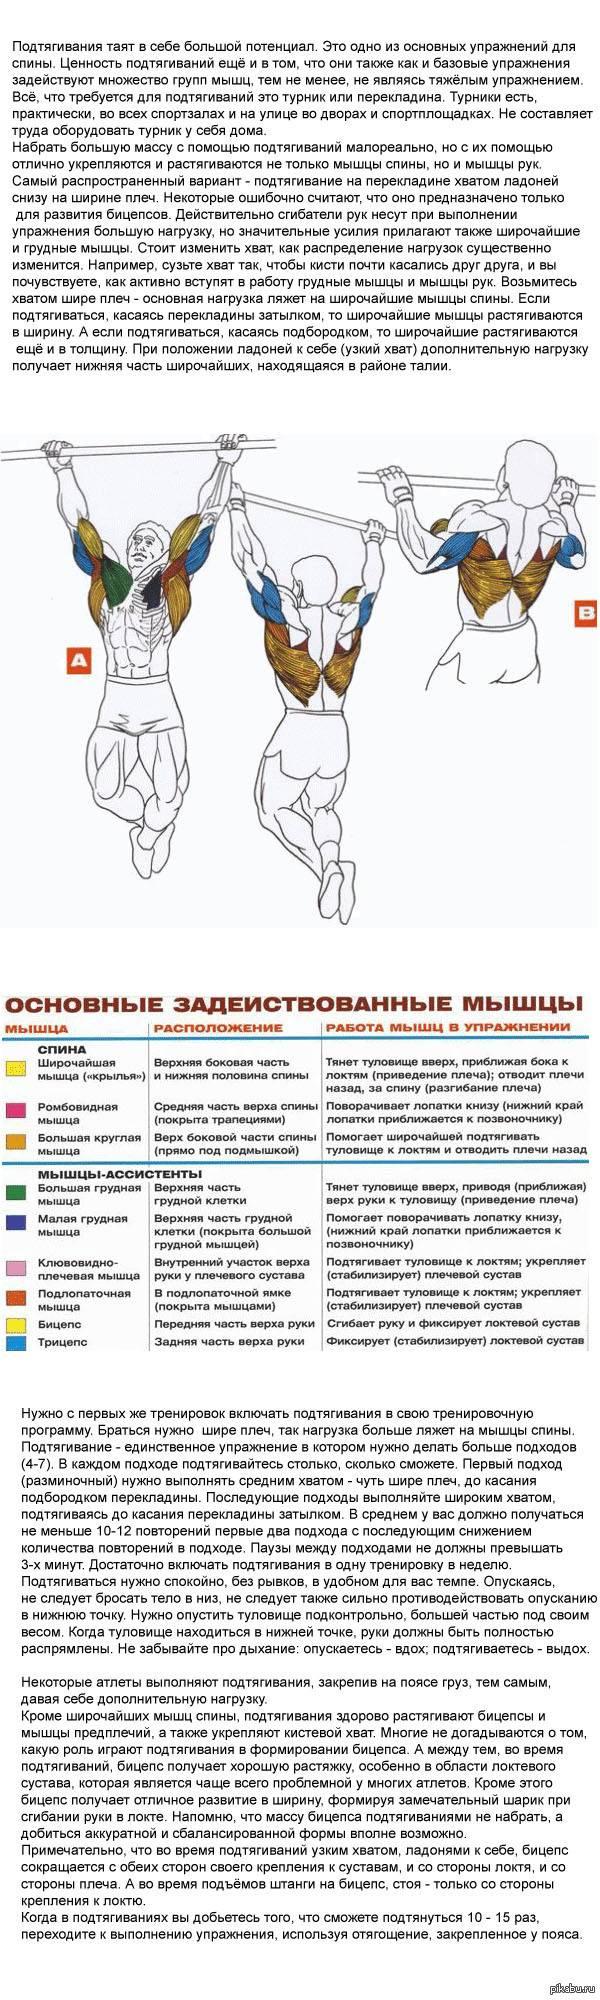 Как тренироваться, чтобы накачать мышцы на турнике